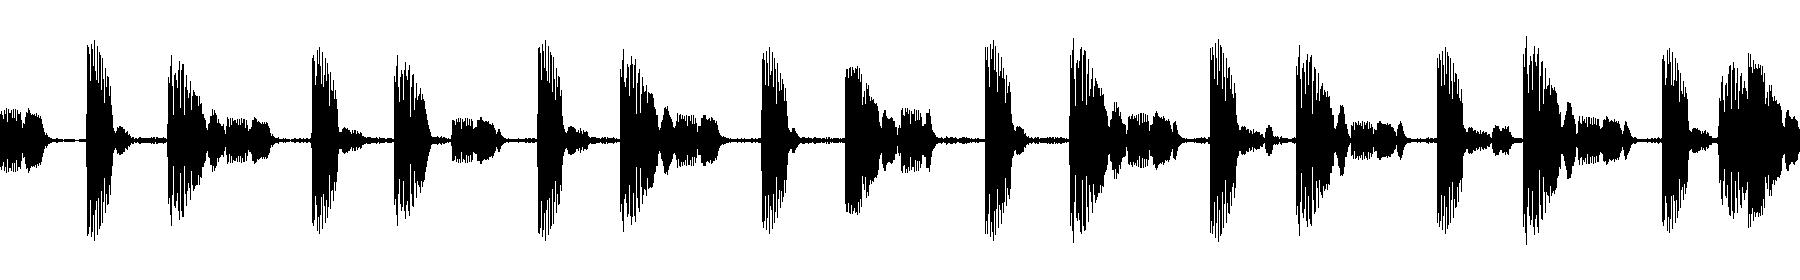 pth bass 19